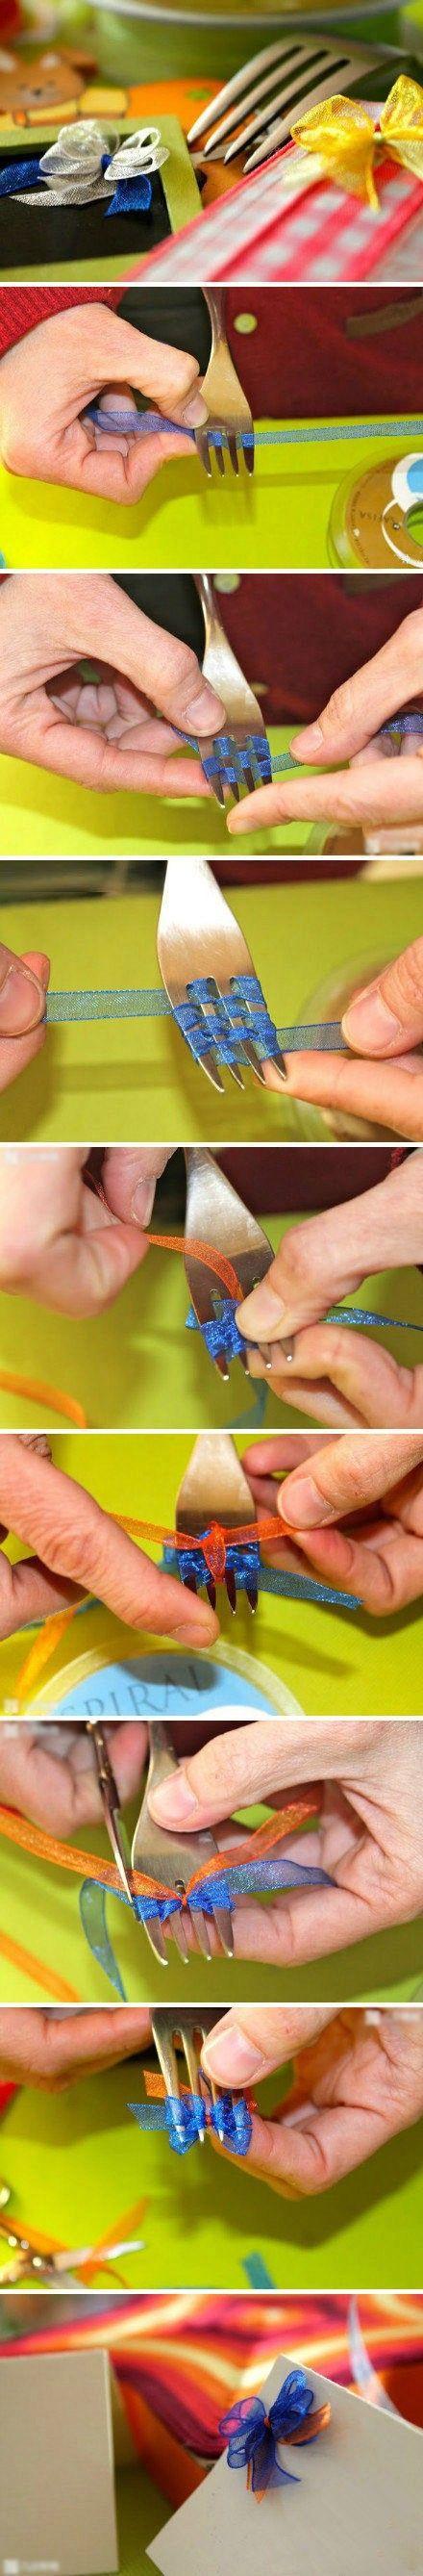 Enseñar a Jugar con arco sin tenedor, envolver Regalos sí pueden utilizar en el oh ~!